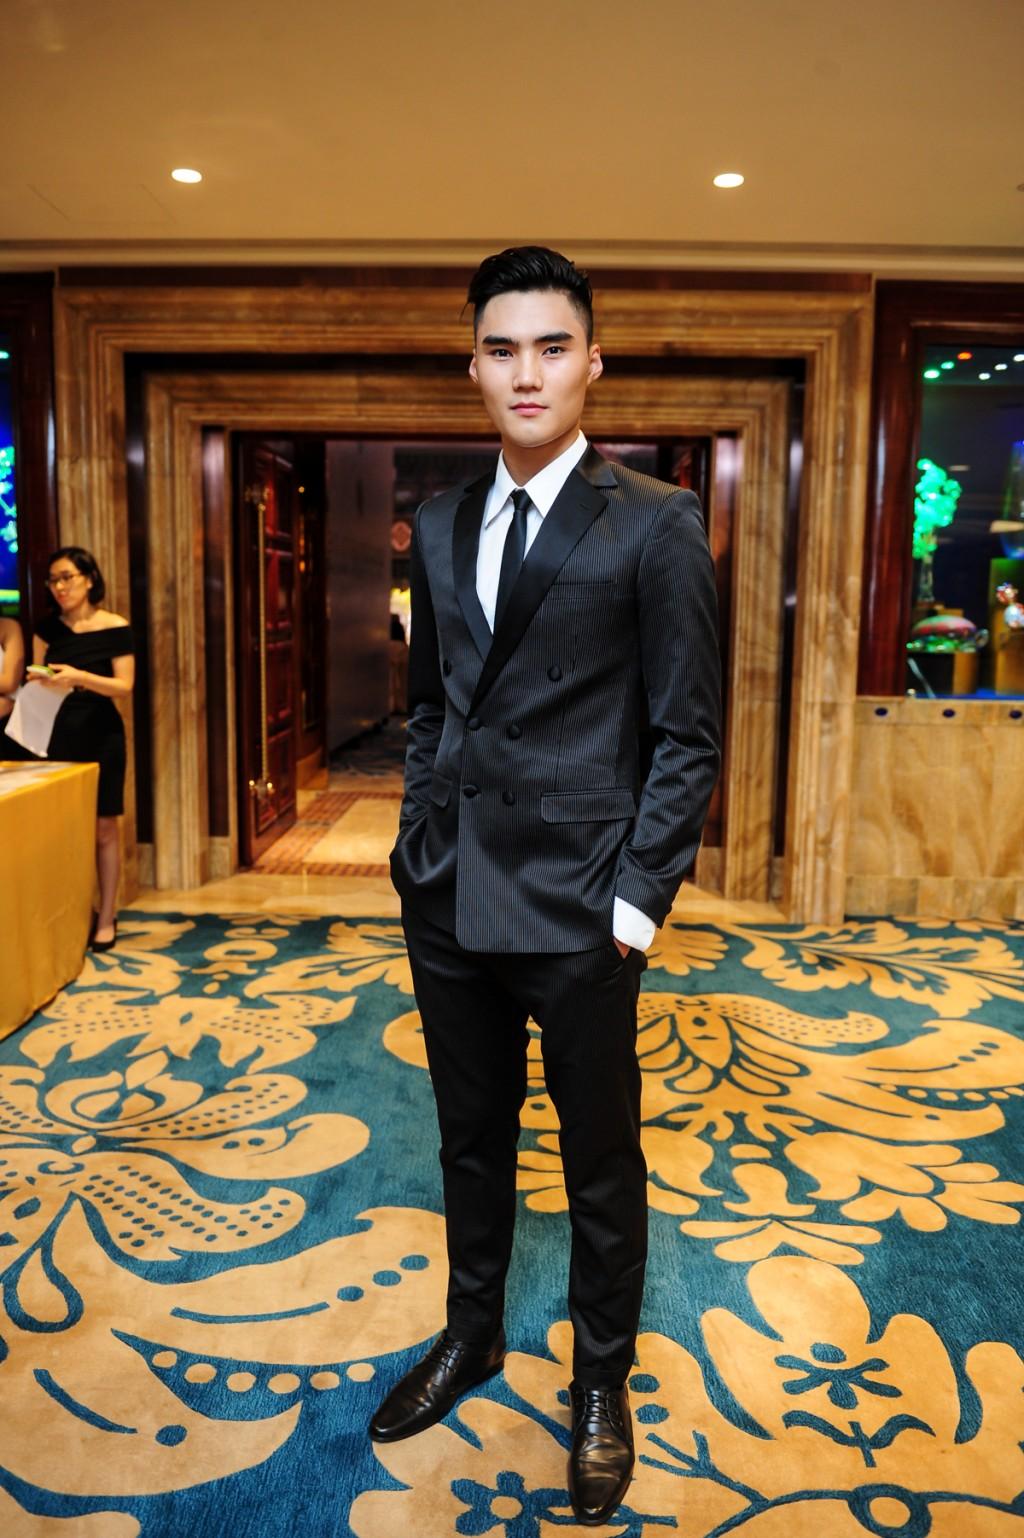 Quán quân VNTM 2014 - Quang Hùng lịch lãm trong trang phục vest của thương hiệu MAS